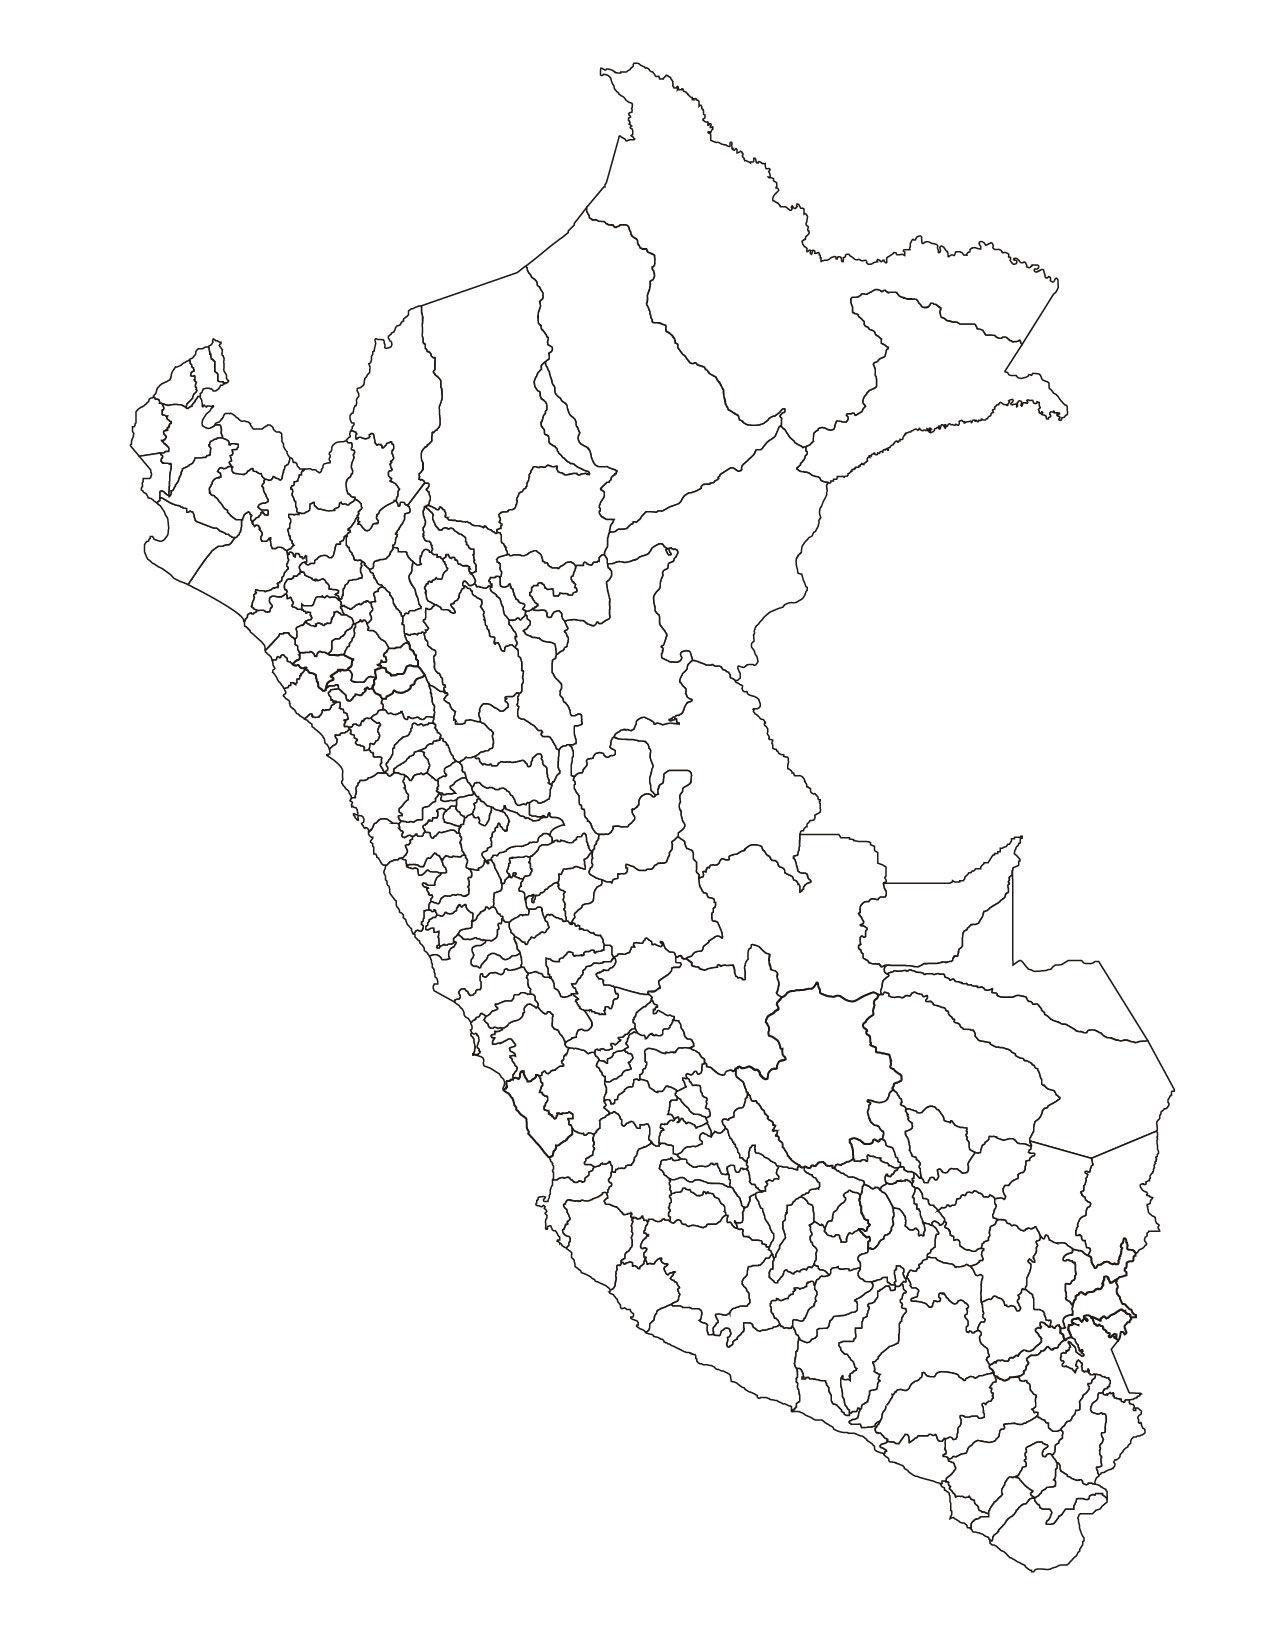 Mapa Del Peru Para Colorear E Imprimir Y Los Departamentos Del Peru